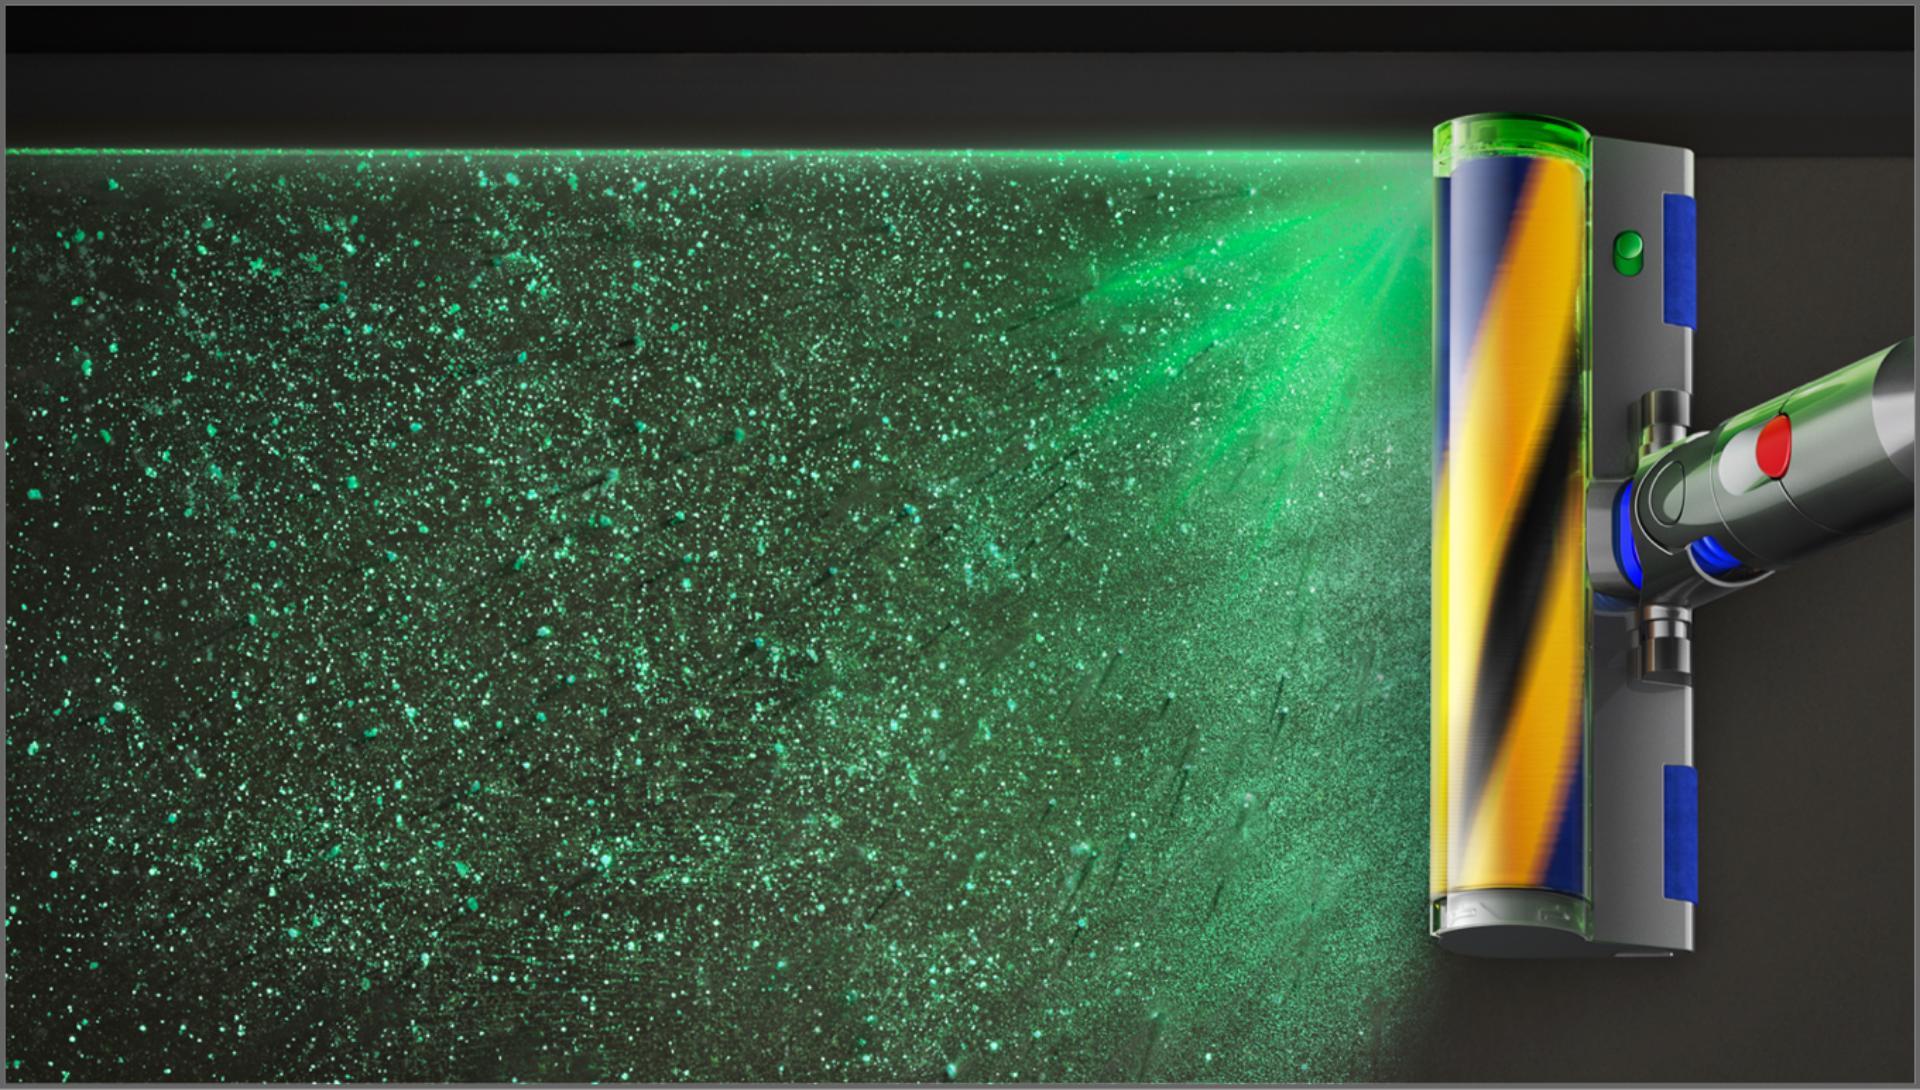 먼지를 보여주는 다이슨 레이저2 슬림 플러피 클리너 헤드